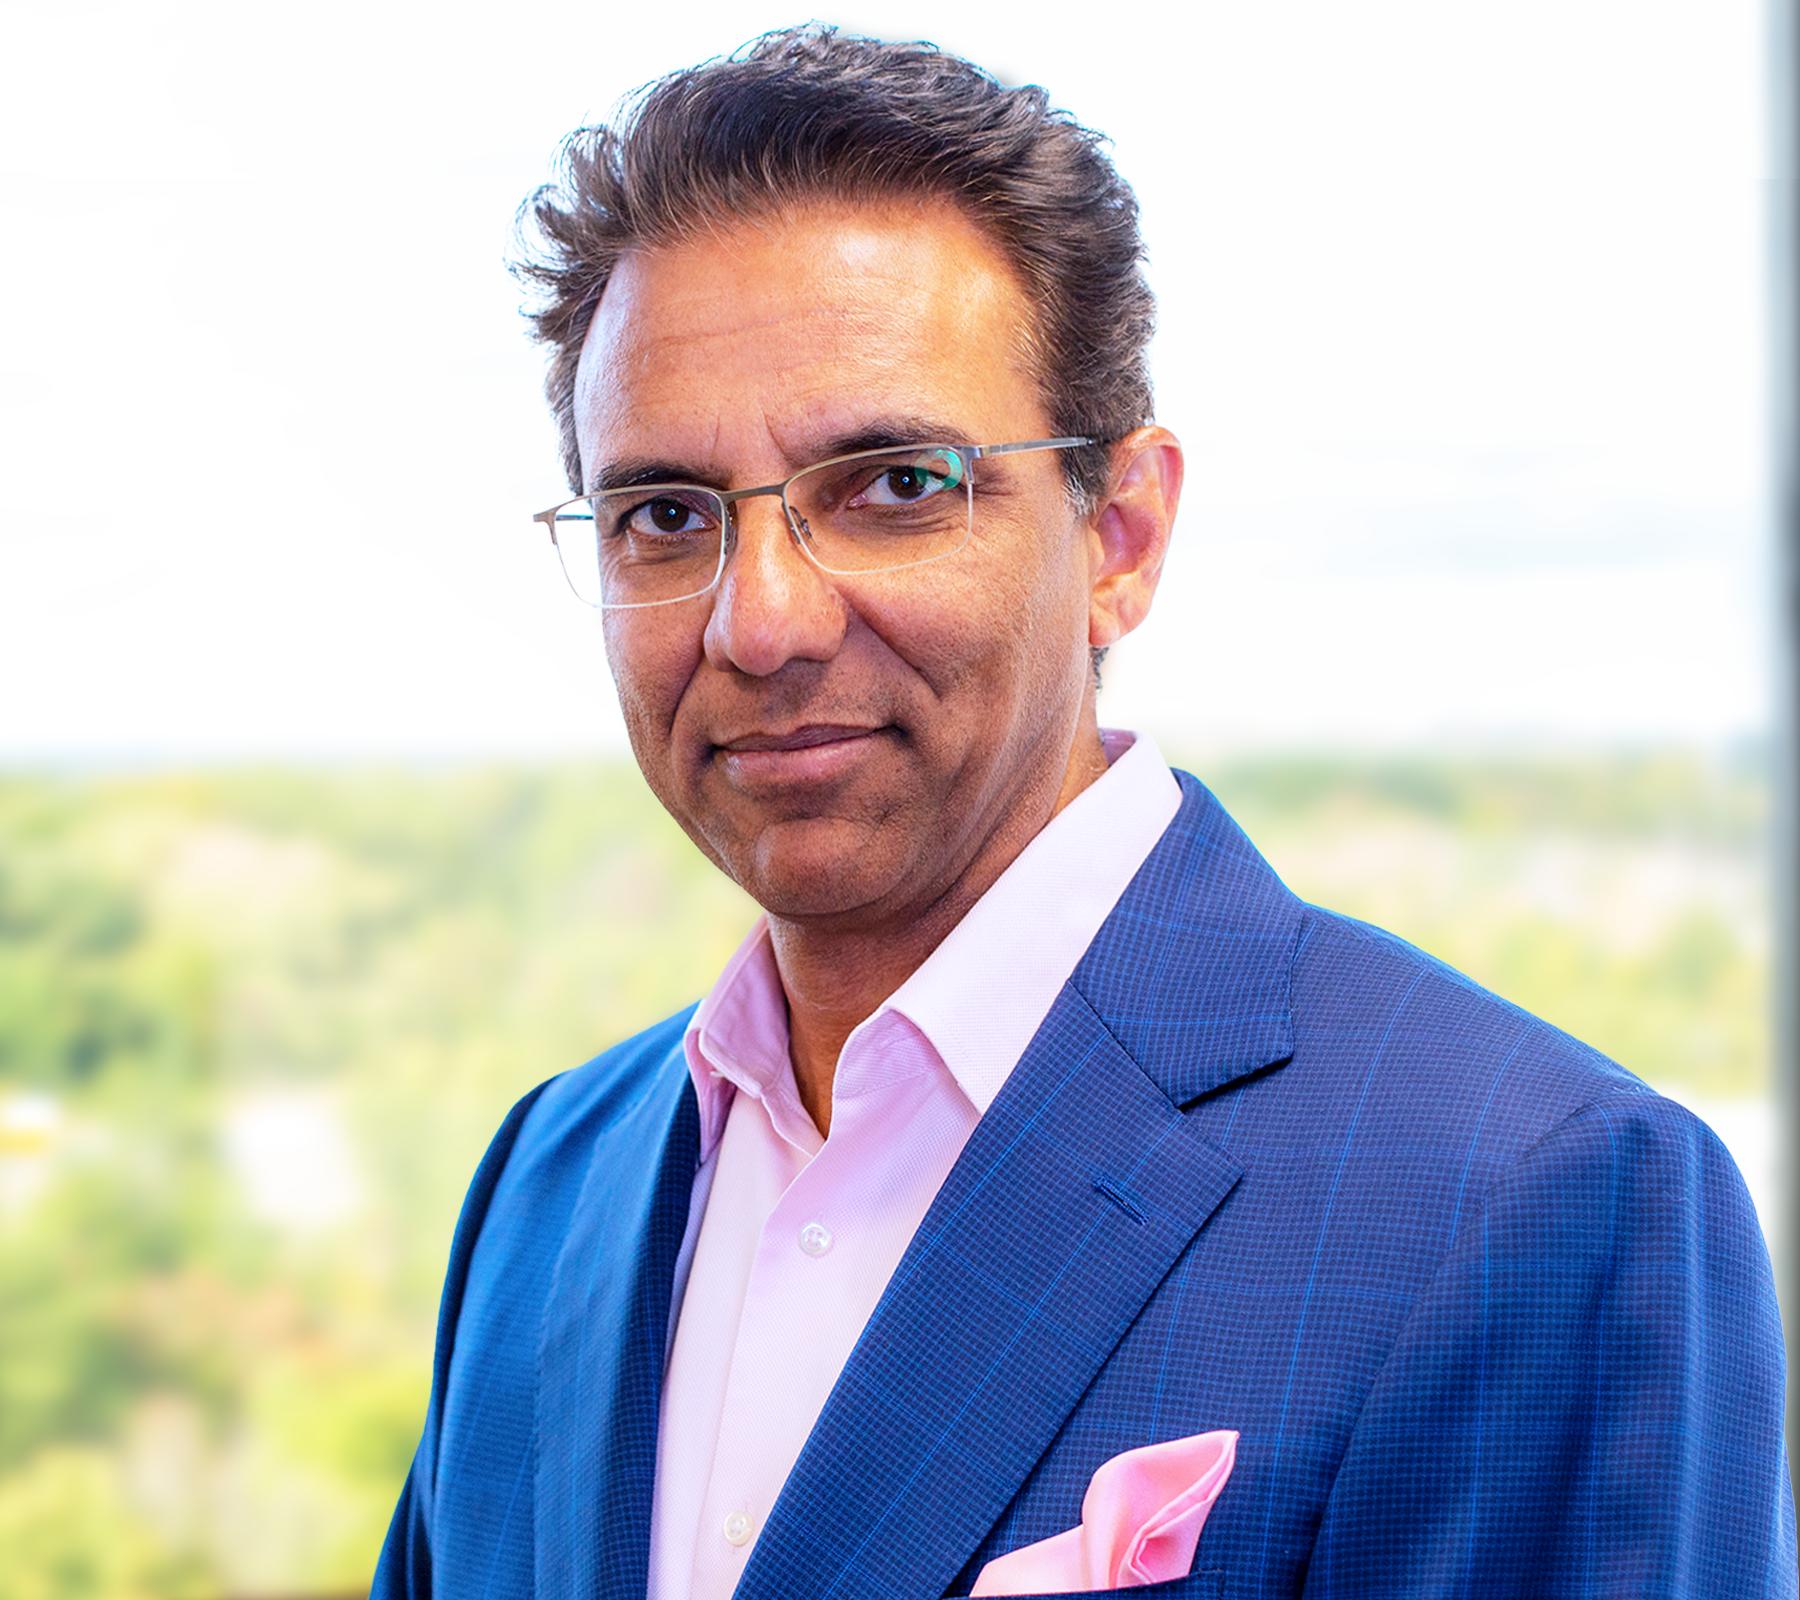 Dr lakhanpal